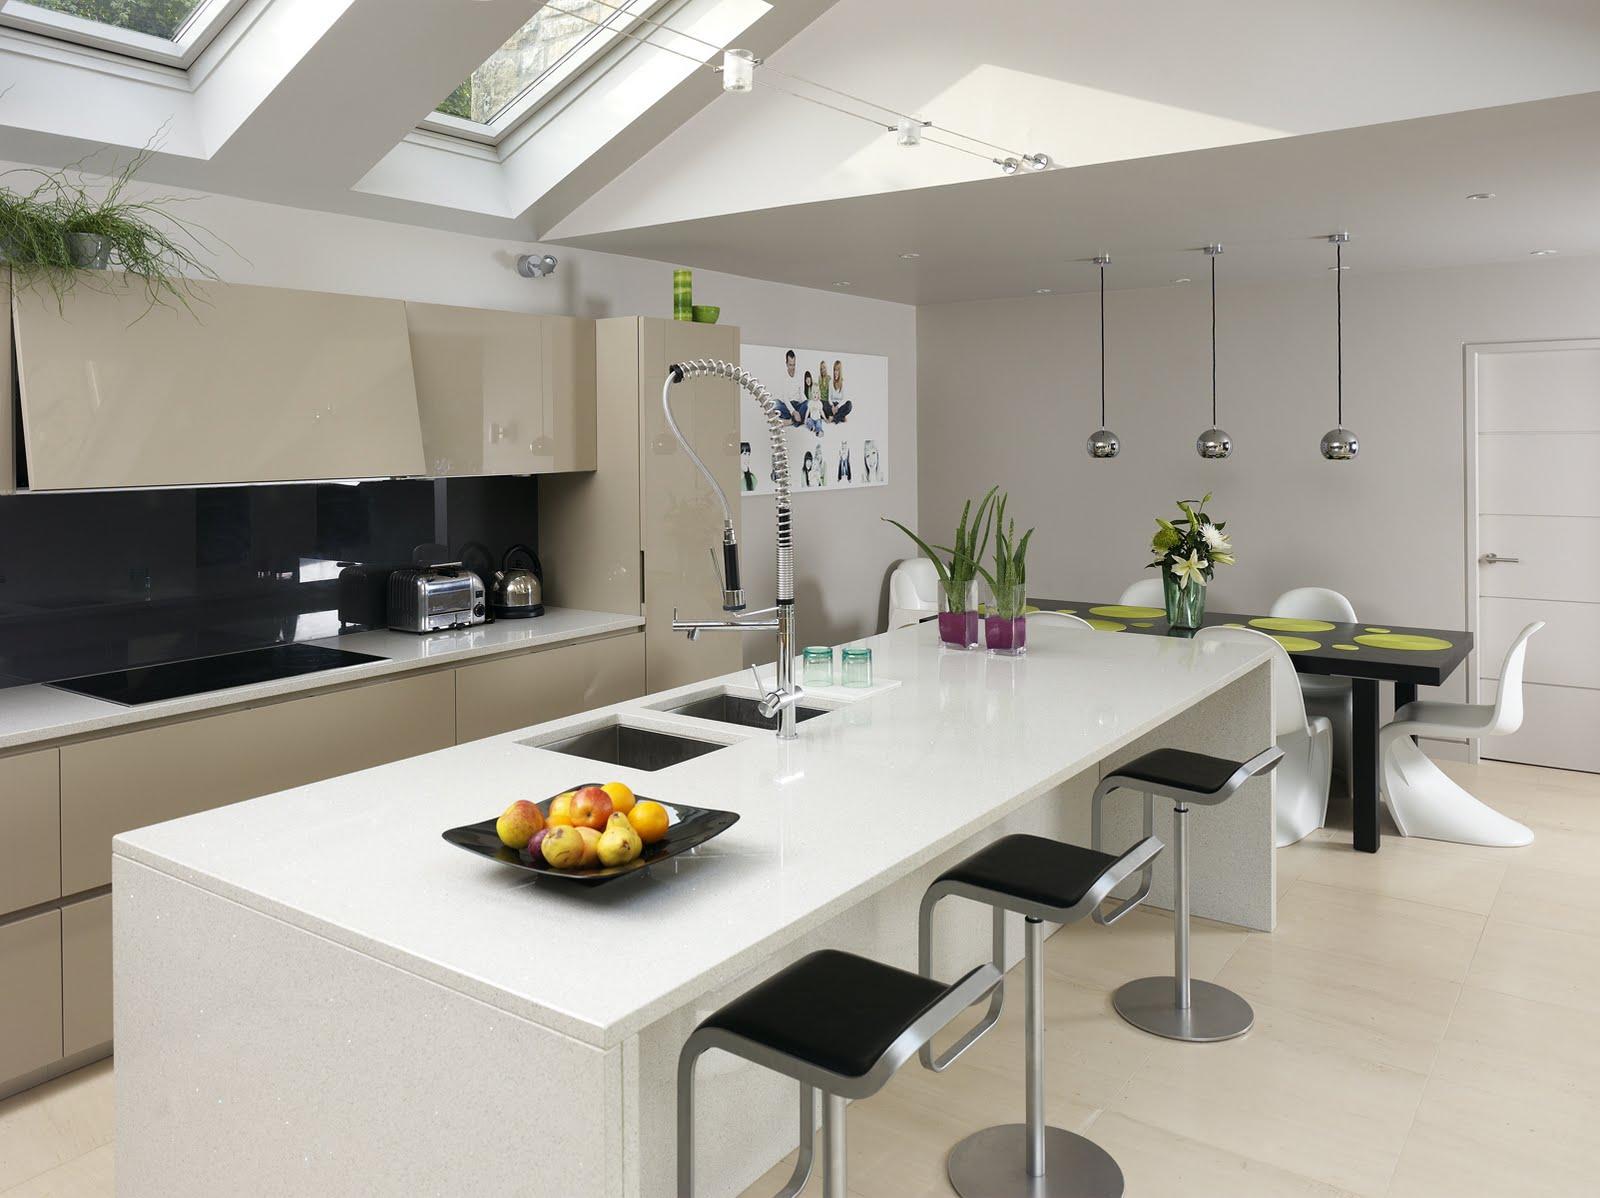 Scegliere i prodotti velux per la cucina for Prodotti velux